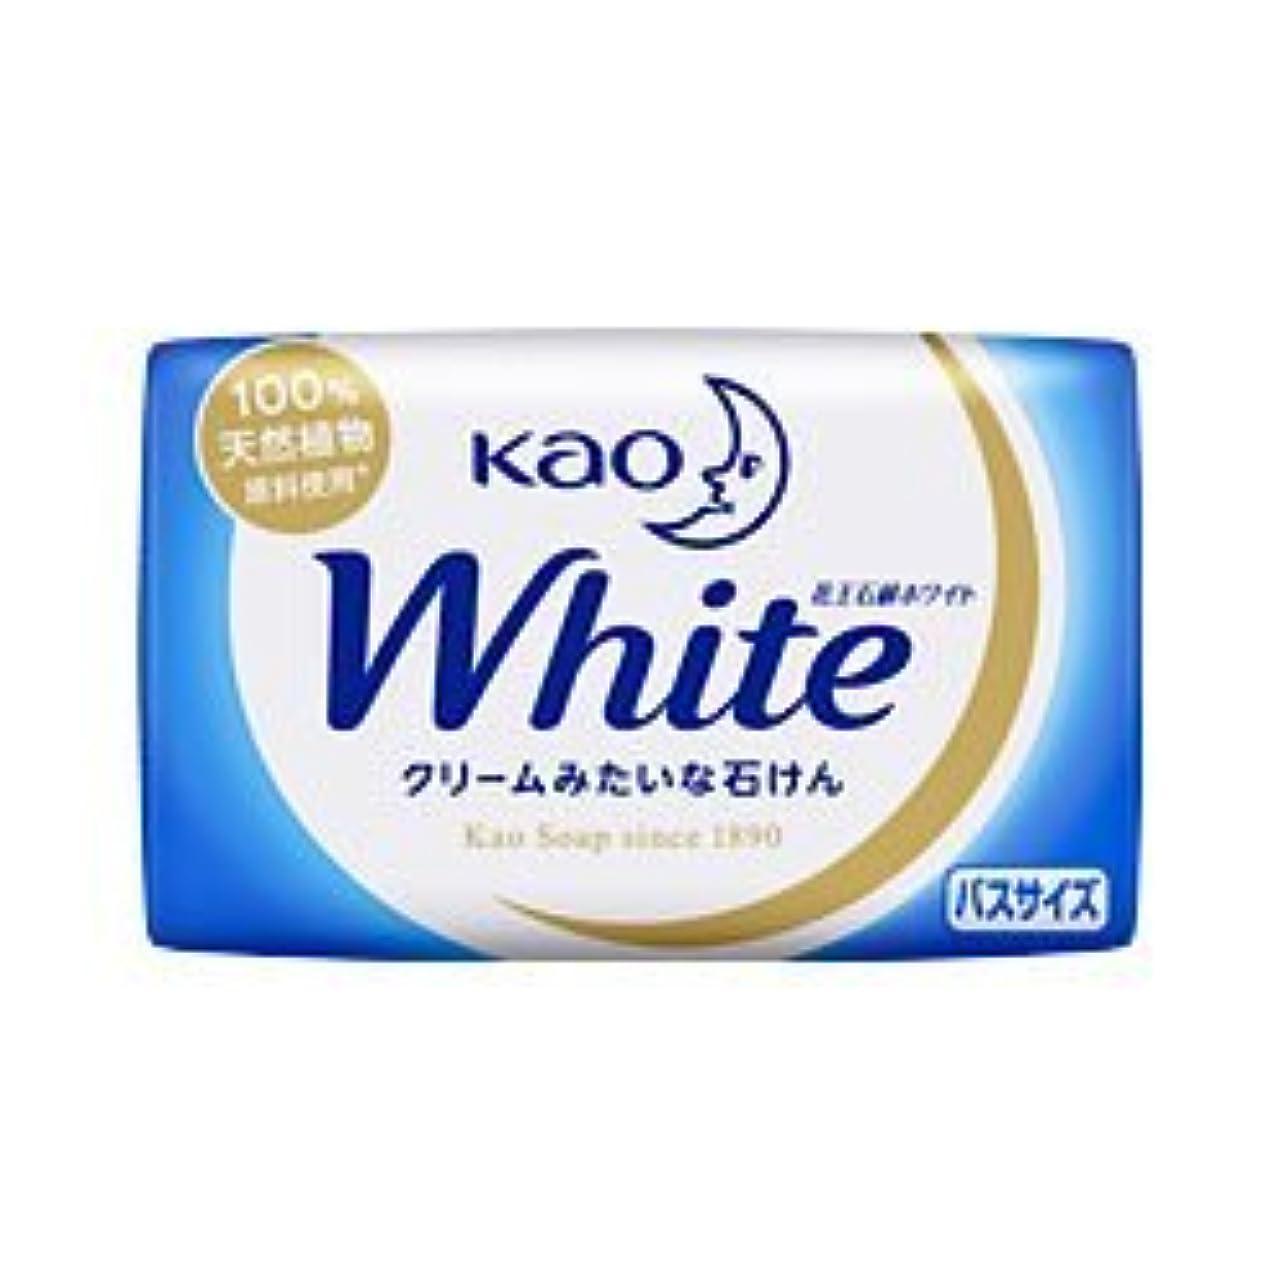 読書をするポケット削除する【花王】花王ホワイト バスサイズ 1個 130g ×20個セット